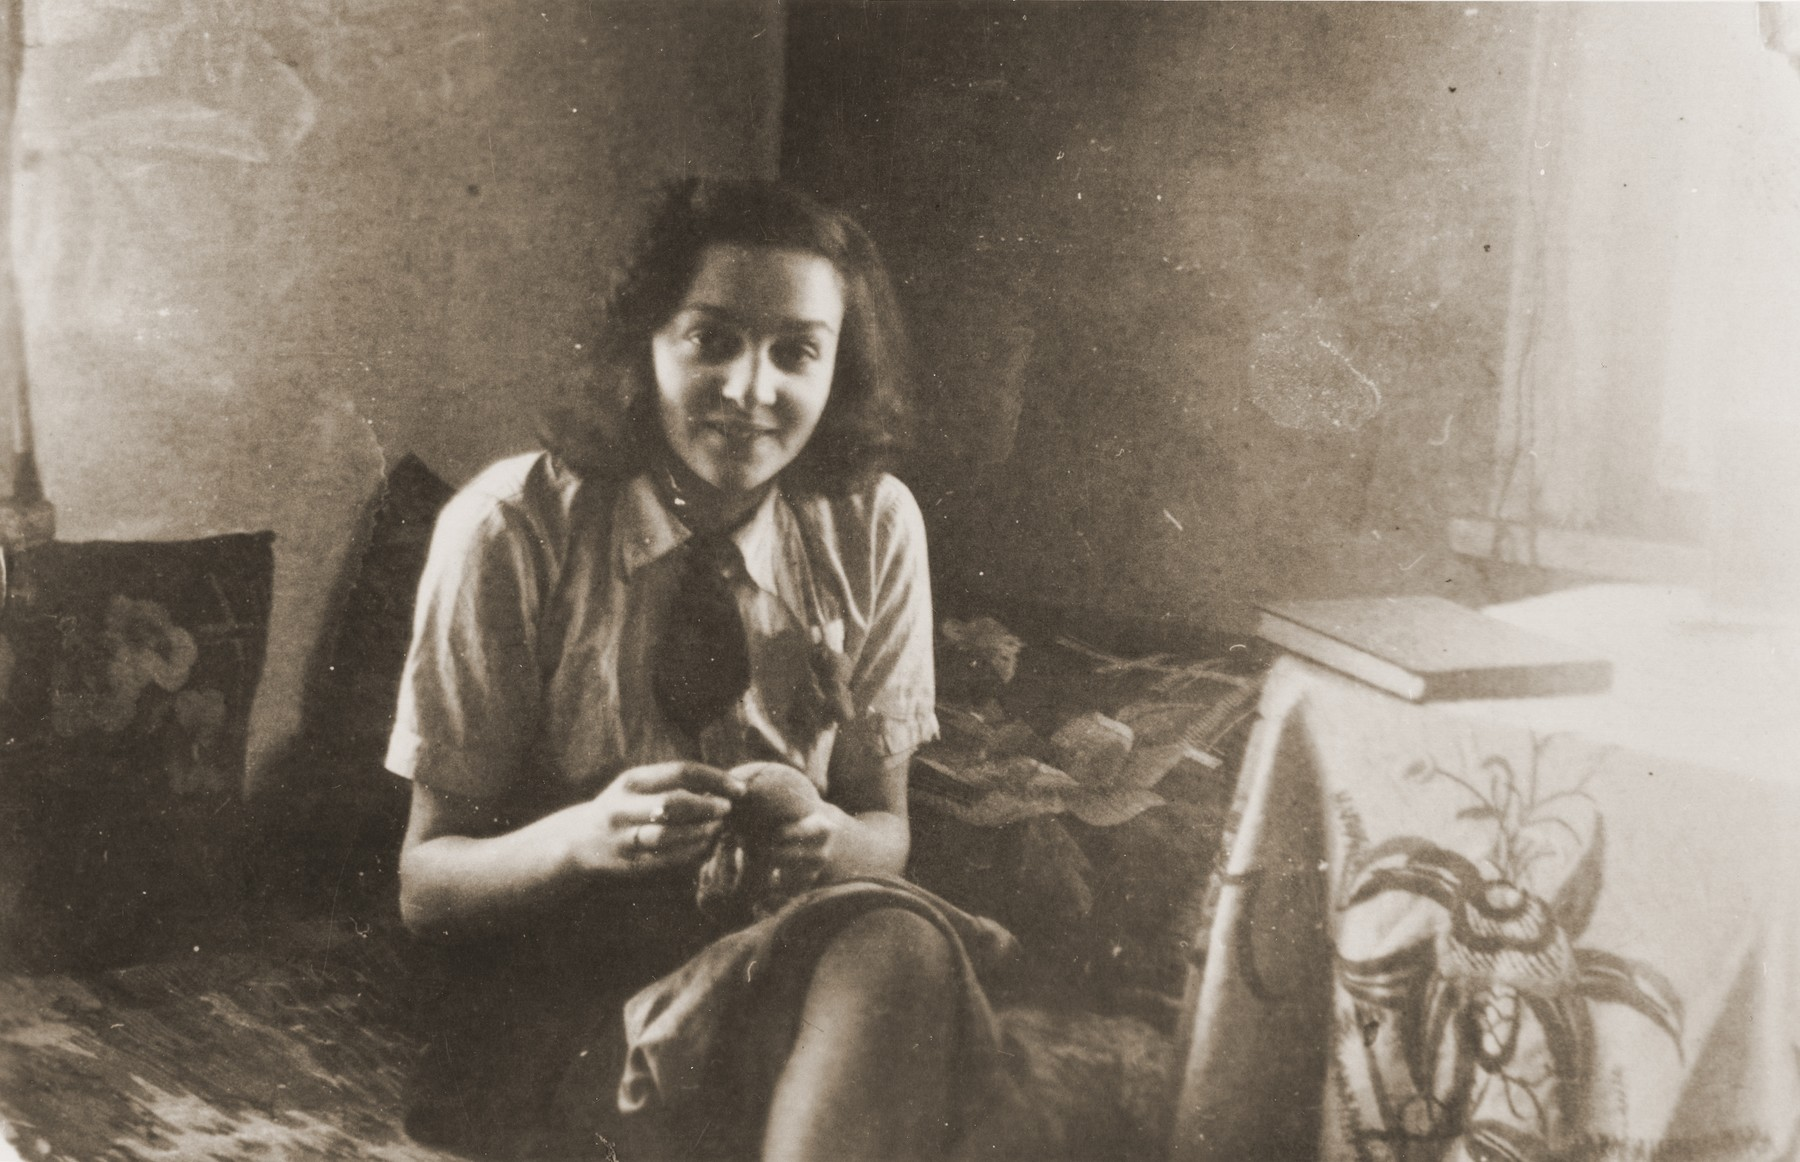 Portrait of Ida Karnovski sitting in her room in the Kovno ghetto.